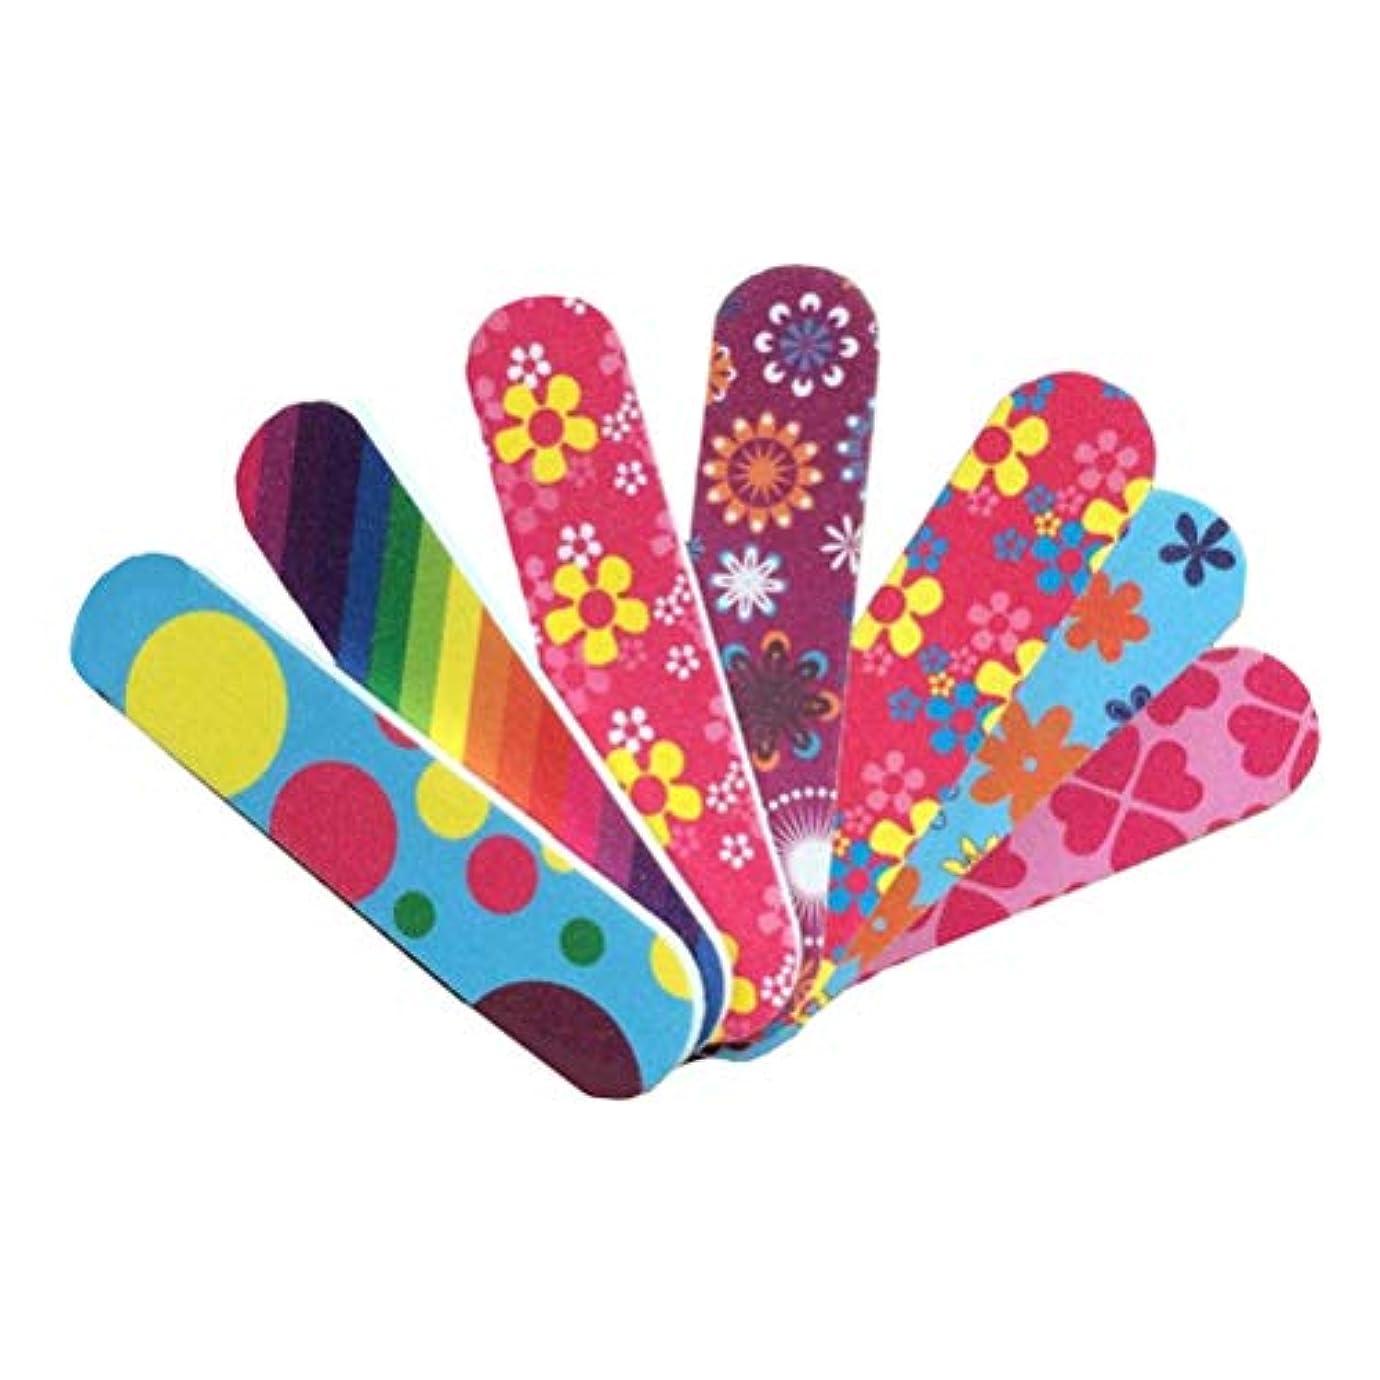 効果的偽善気晴らしFrcolor 爪やすり ミニ 爪磨き 両面タイプ ネイルシャイナー お手入れ ネイルケア マニキュア ネイルファイル 50本セット(ランダム色)